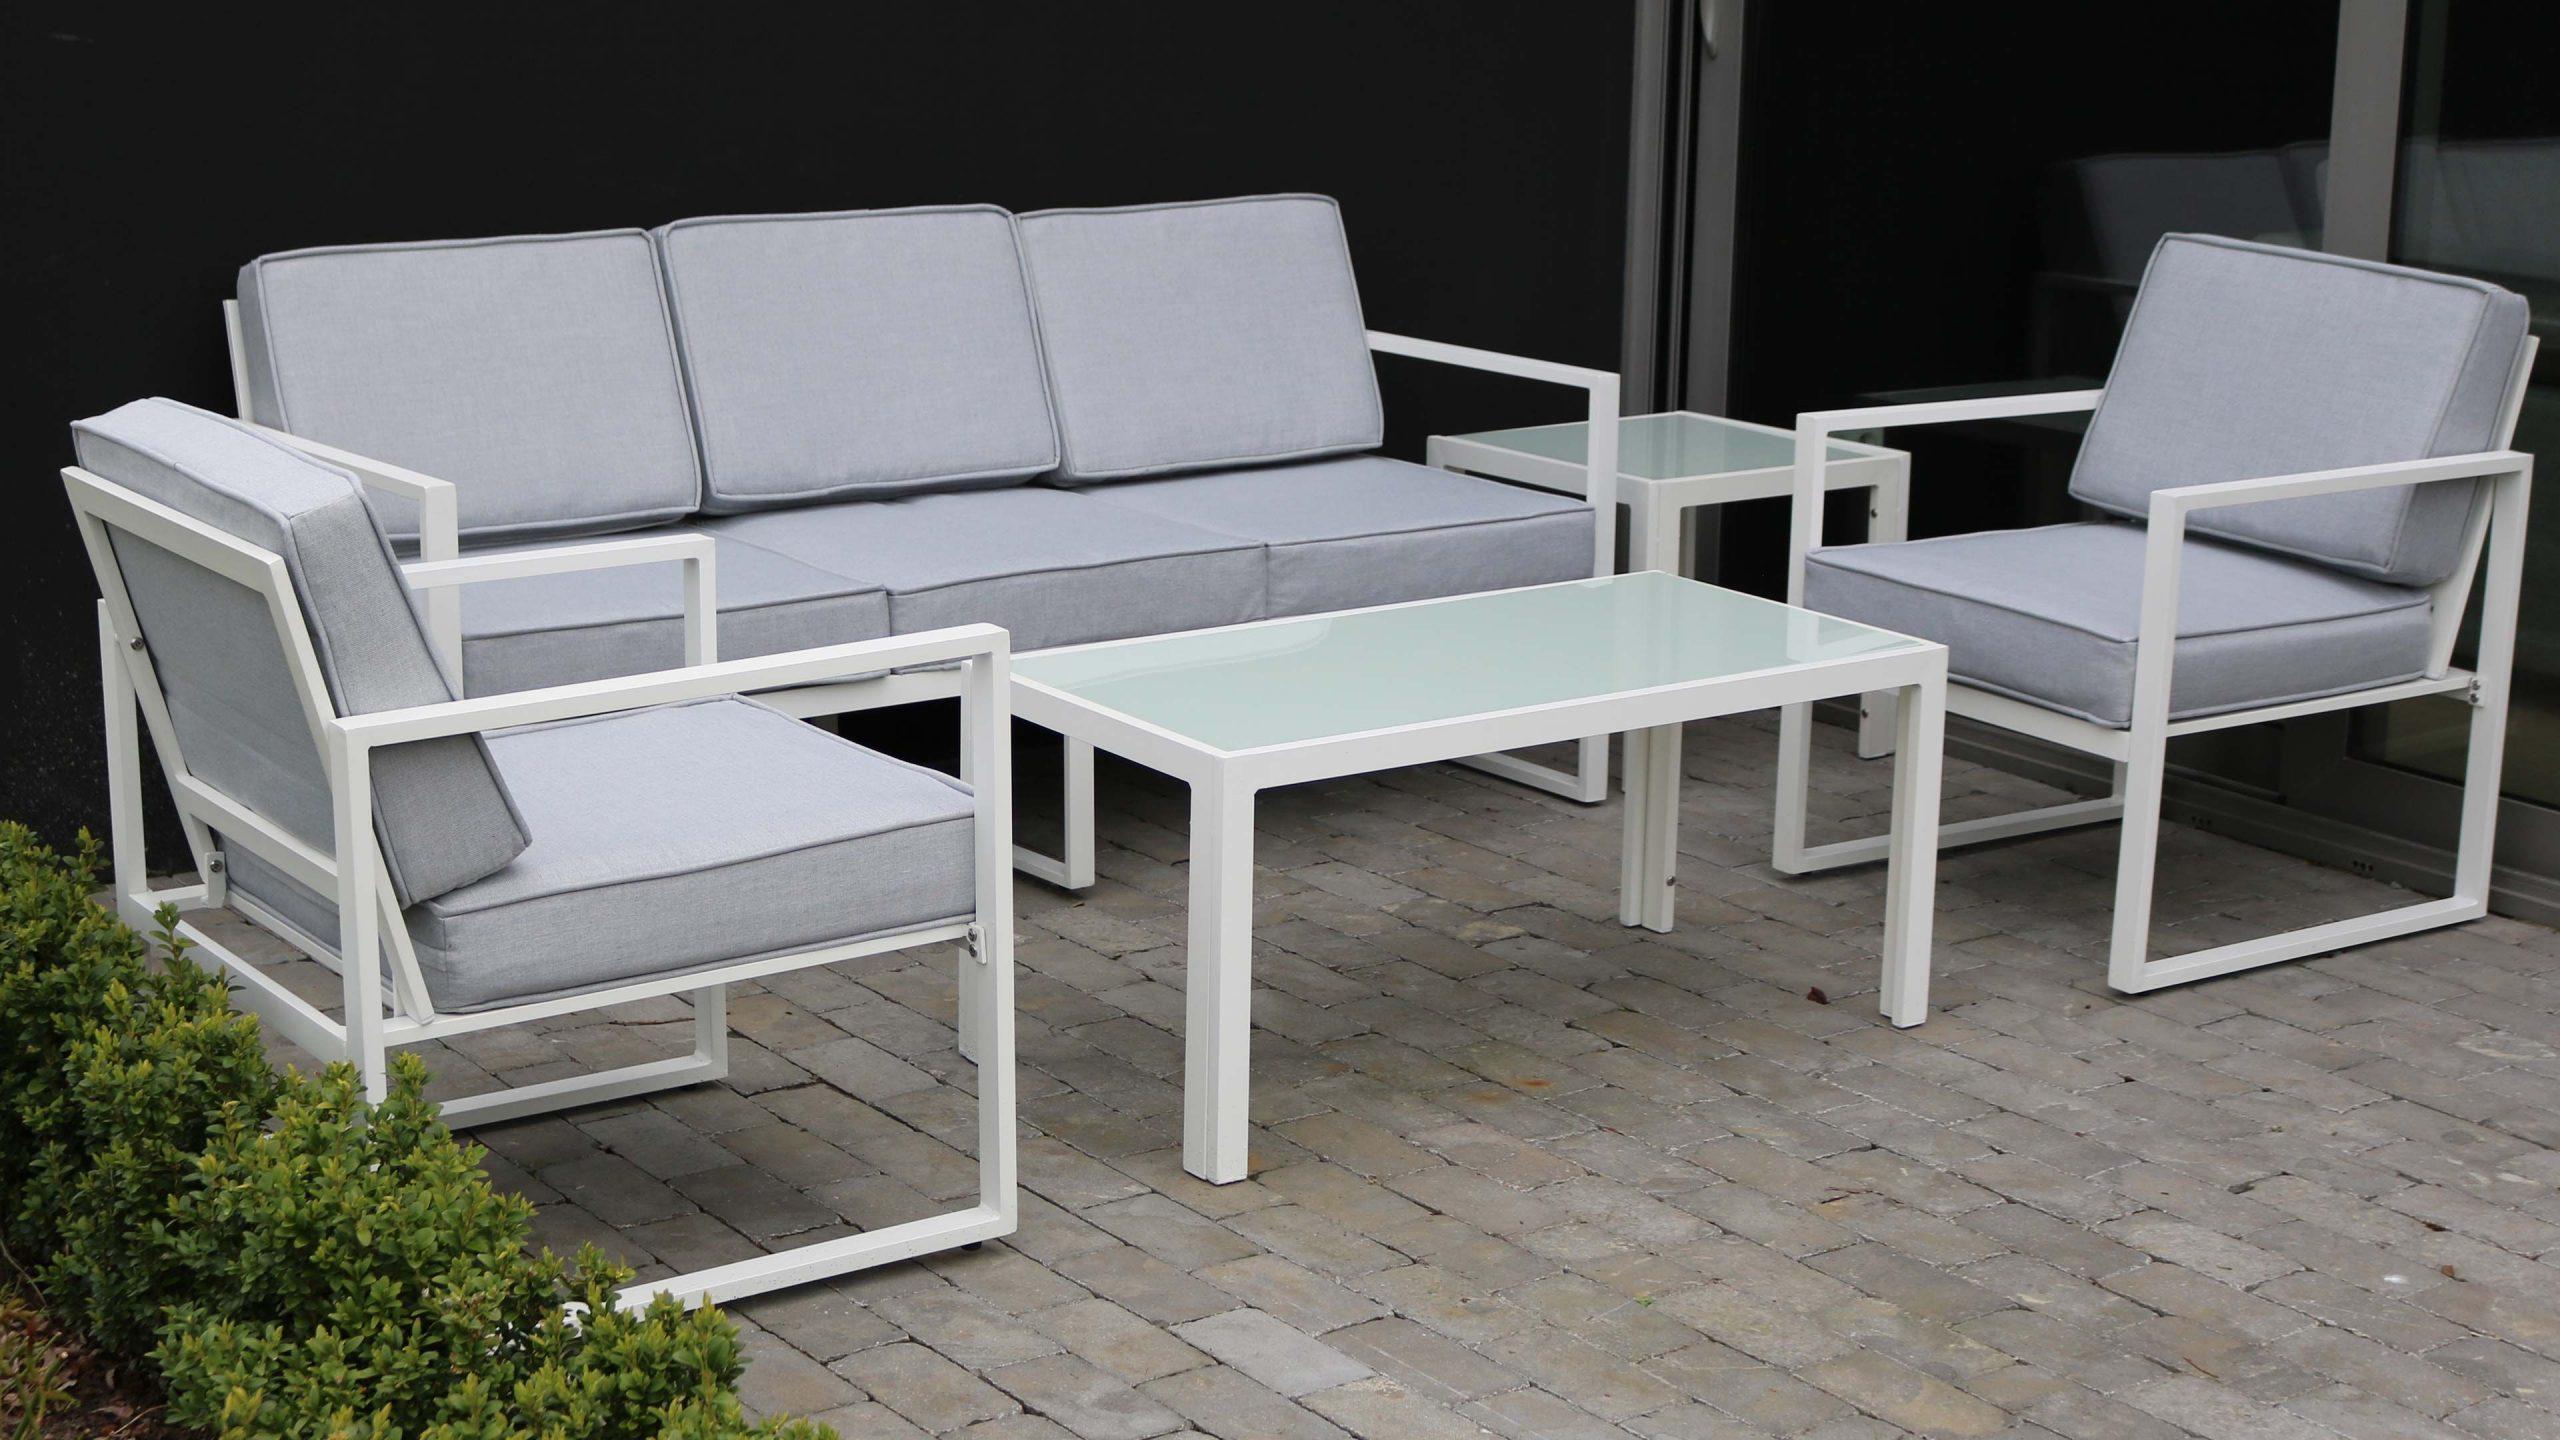 Salon De Jardin 5 Places En Aluminium | Oviala intérieur Salon De Jardin Bas Aluminium